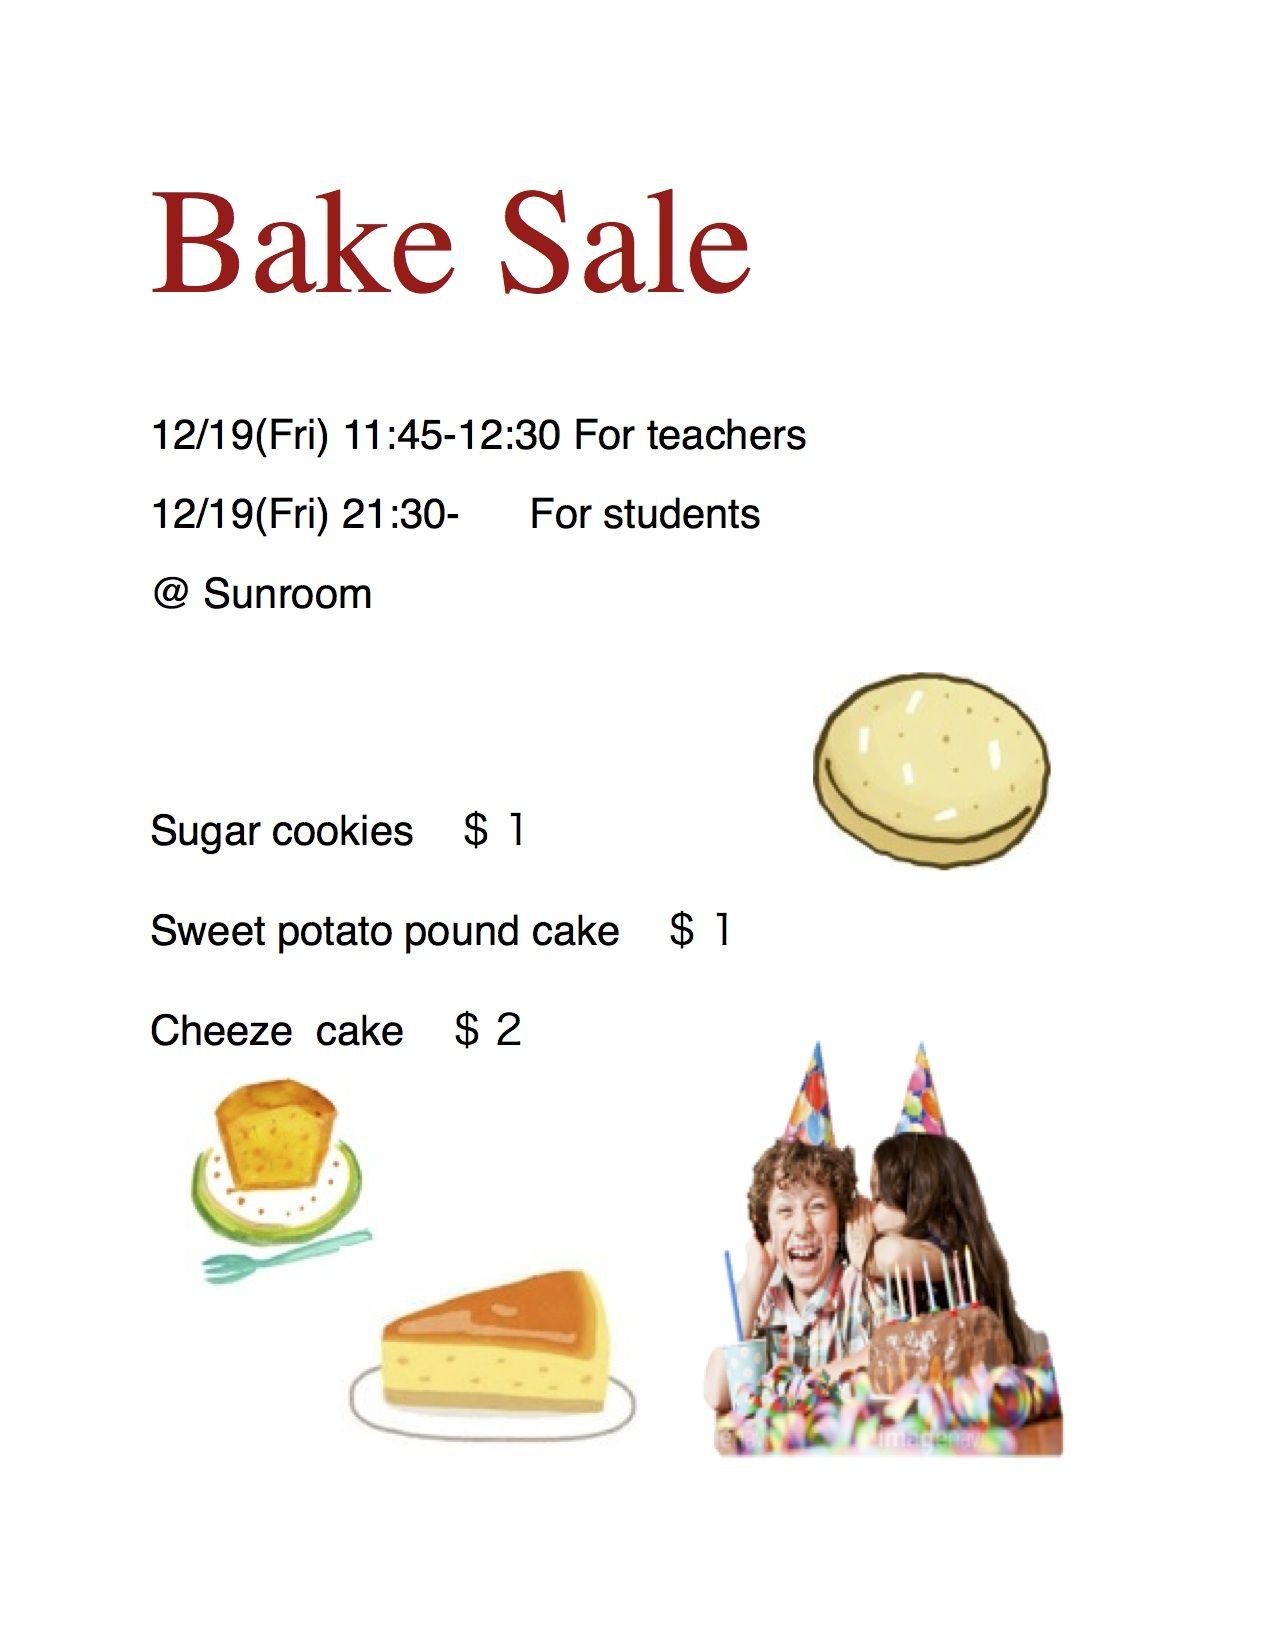 Bake Sale Flyer Bake sale, Bake sale flyer, Sweet potato